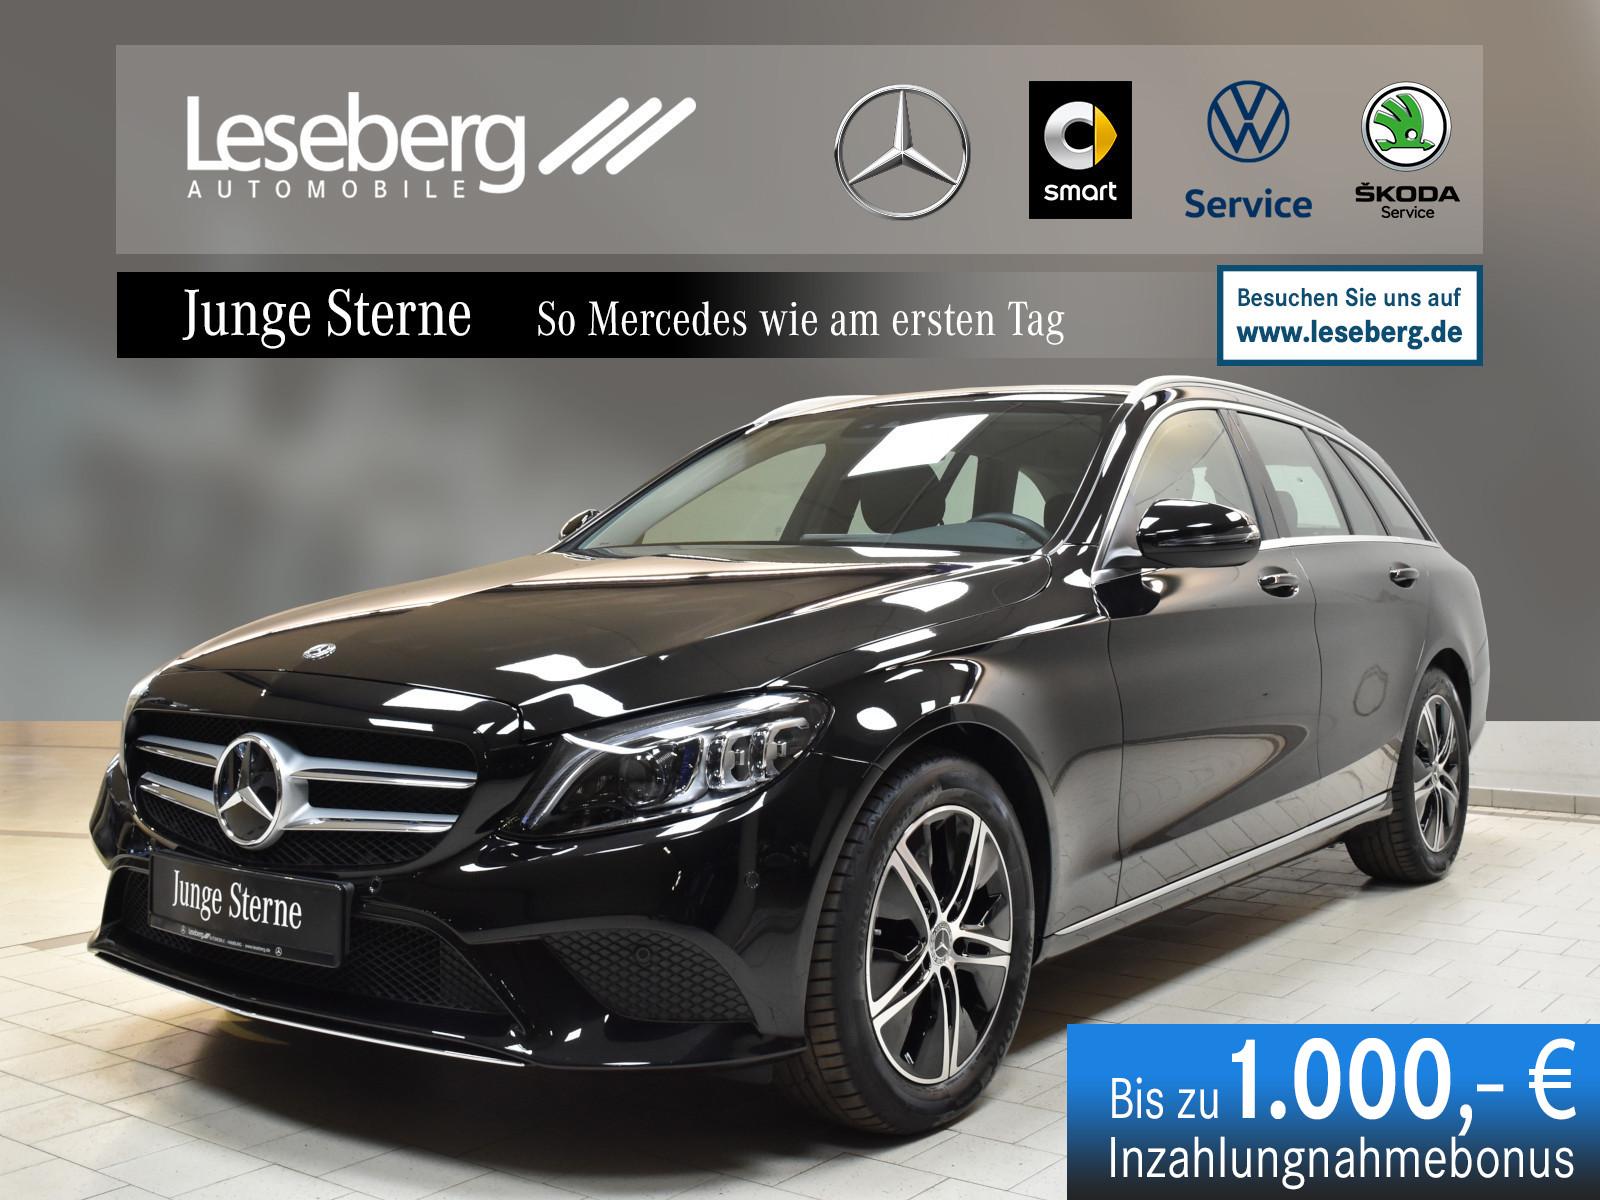 Mercedes-Benz C 180 T Avantgarde/MULTIBEAM/Navi/9G/Totwinkel, Jahr 2019, Benzin